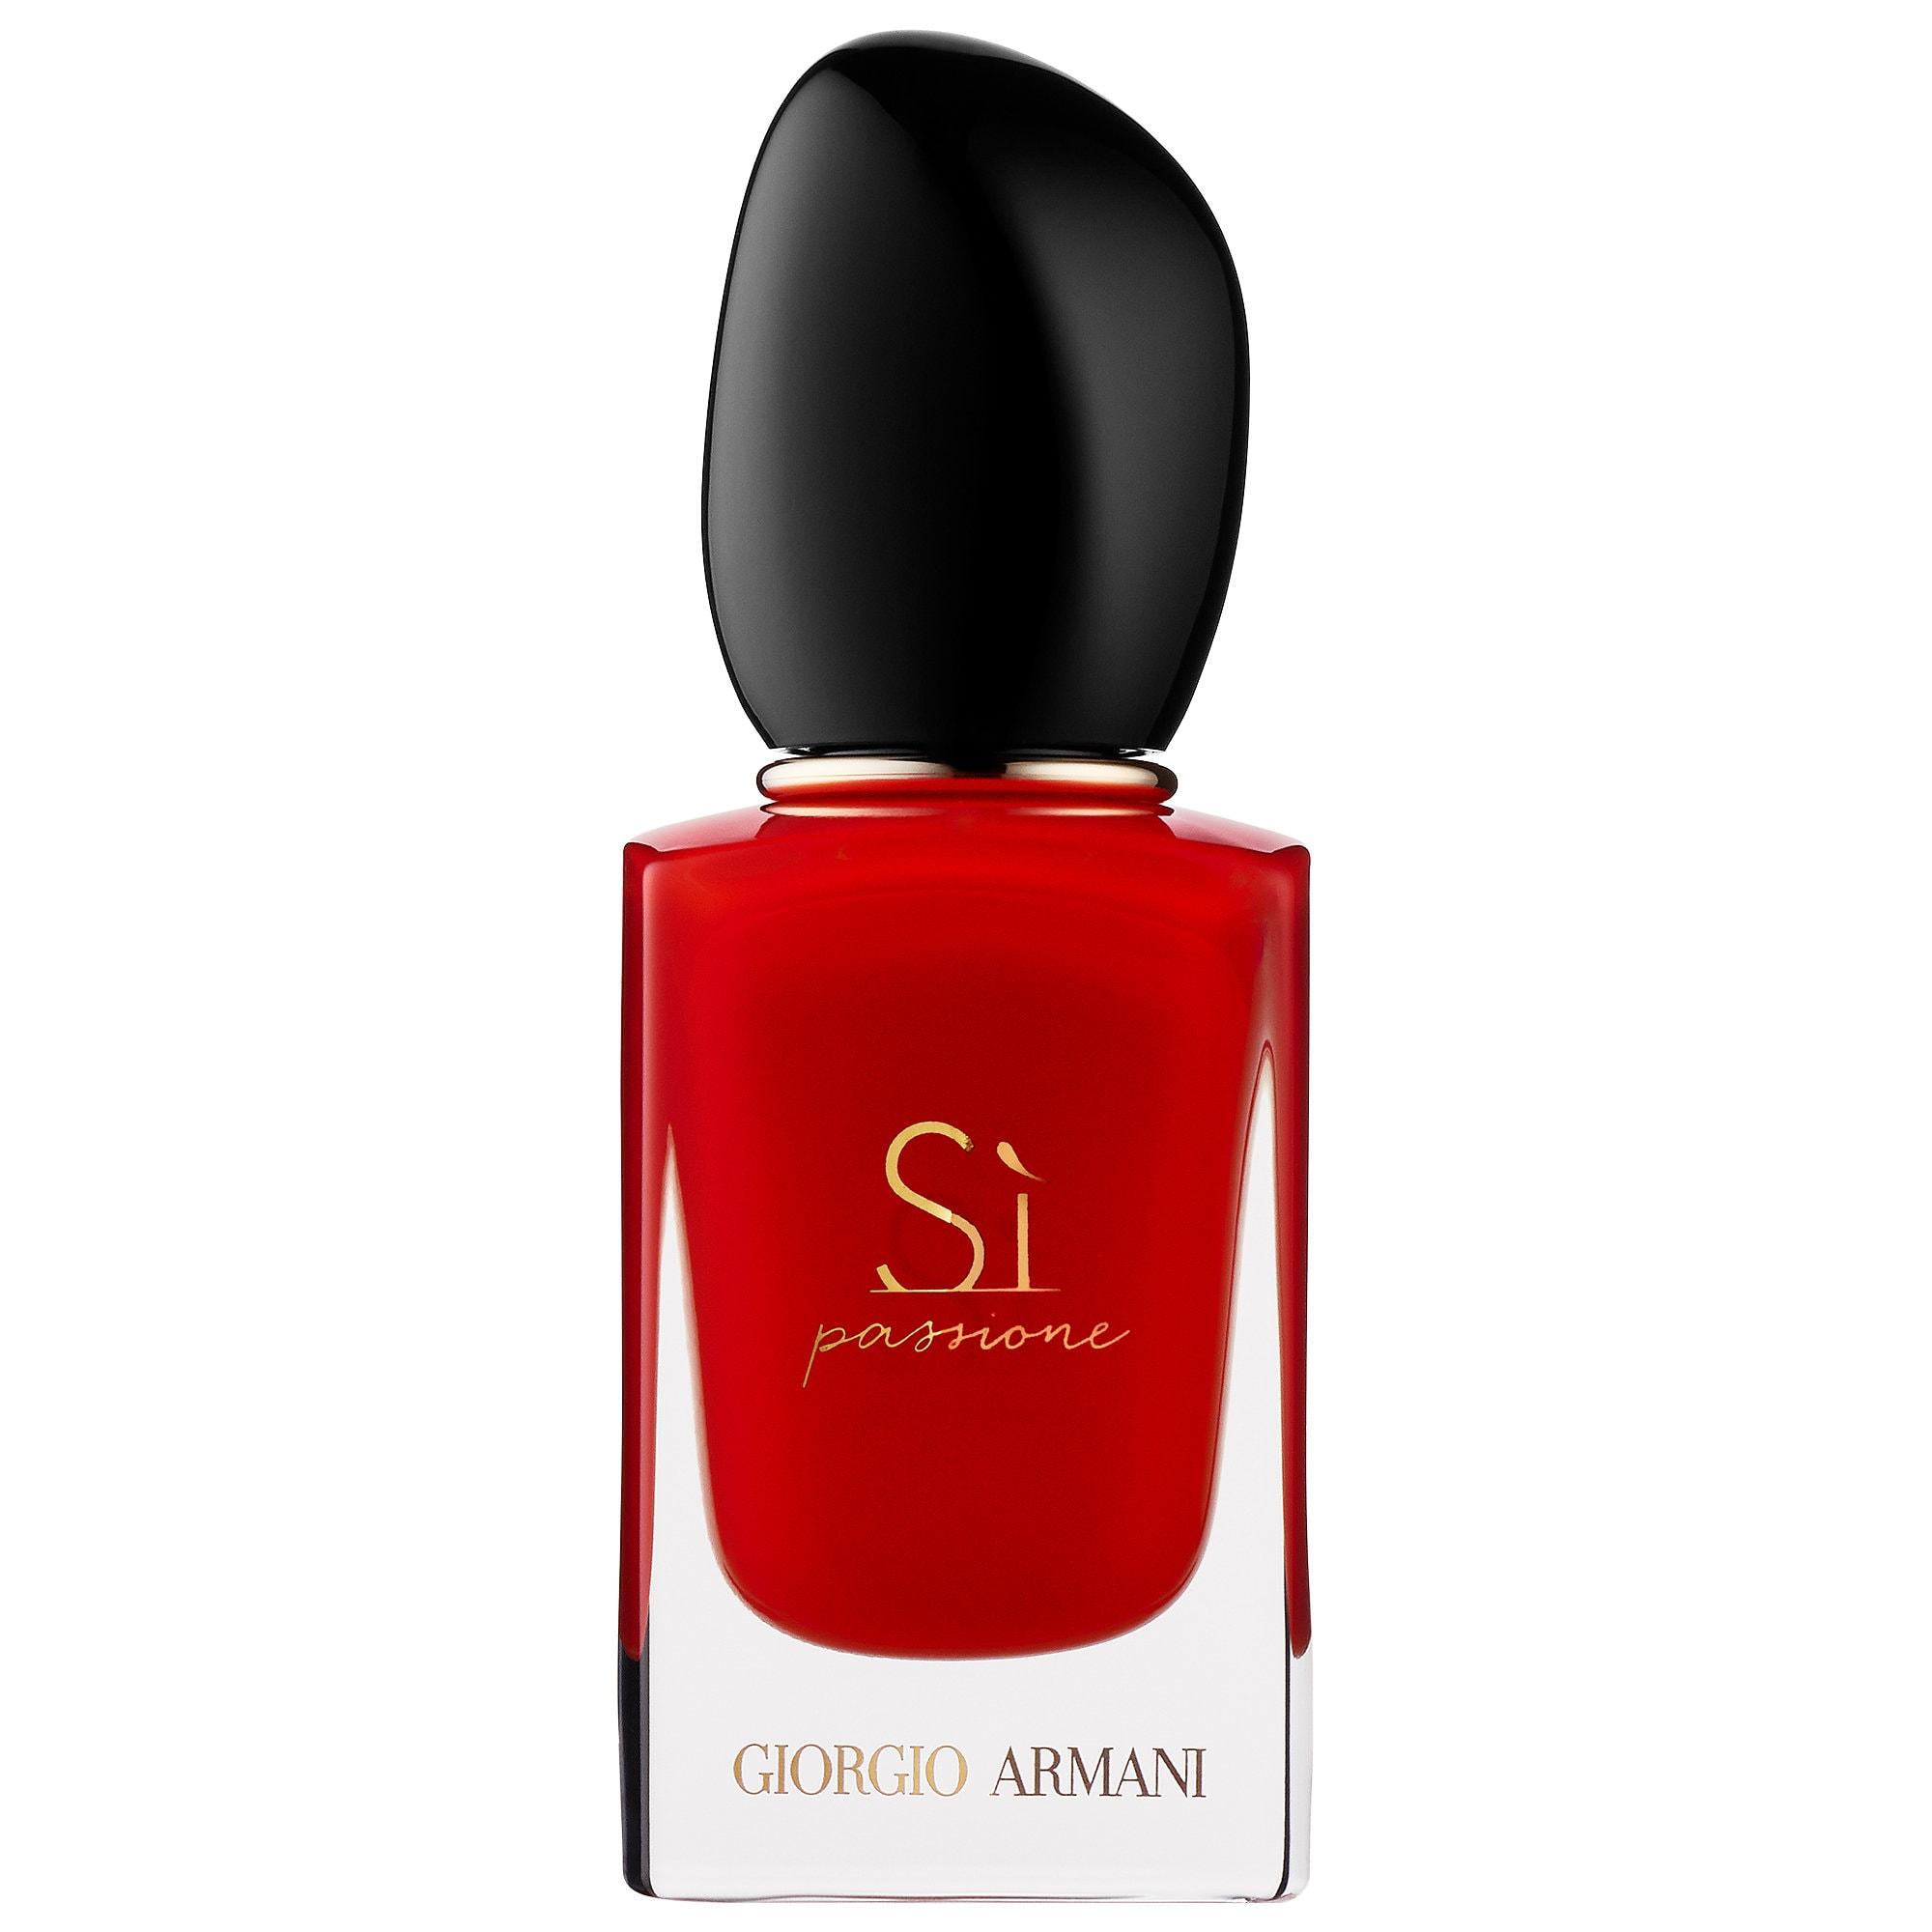 Armani Beauty - Sì Passione Eau de Parfum